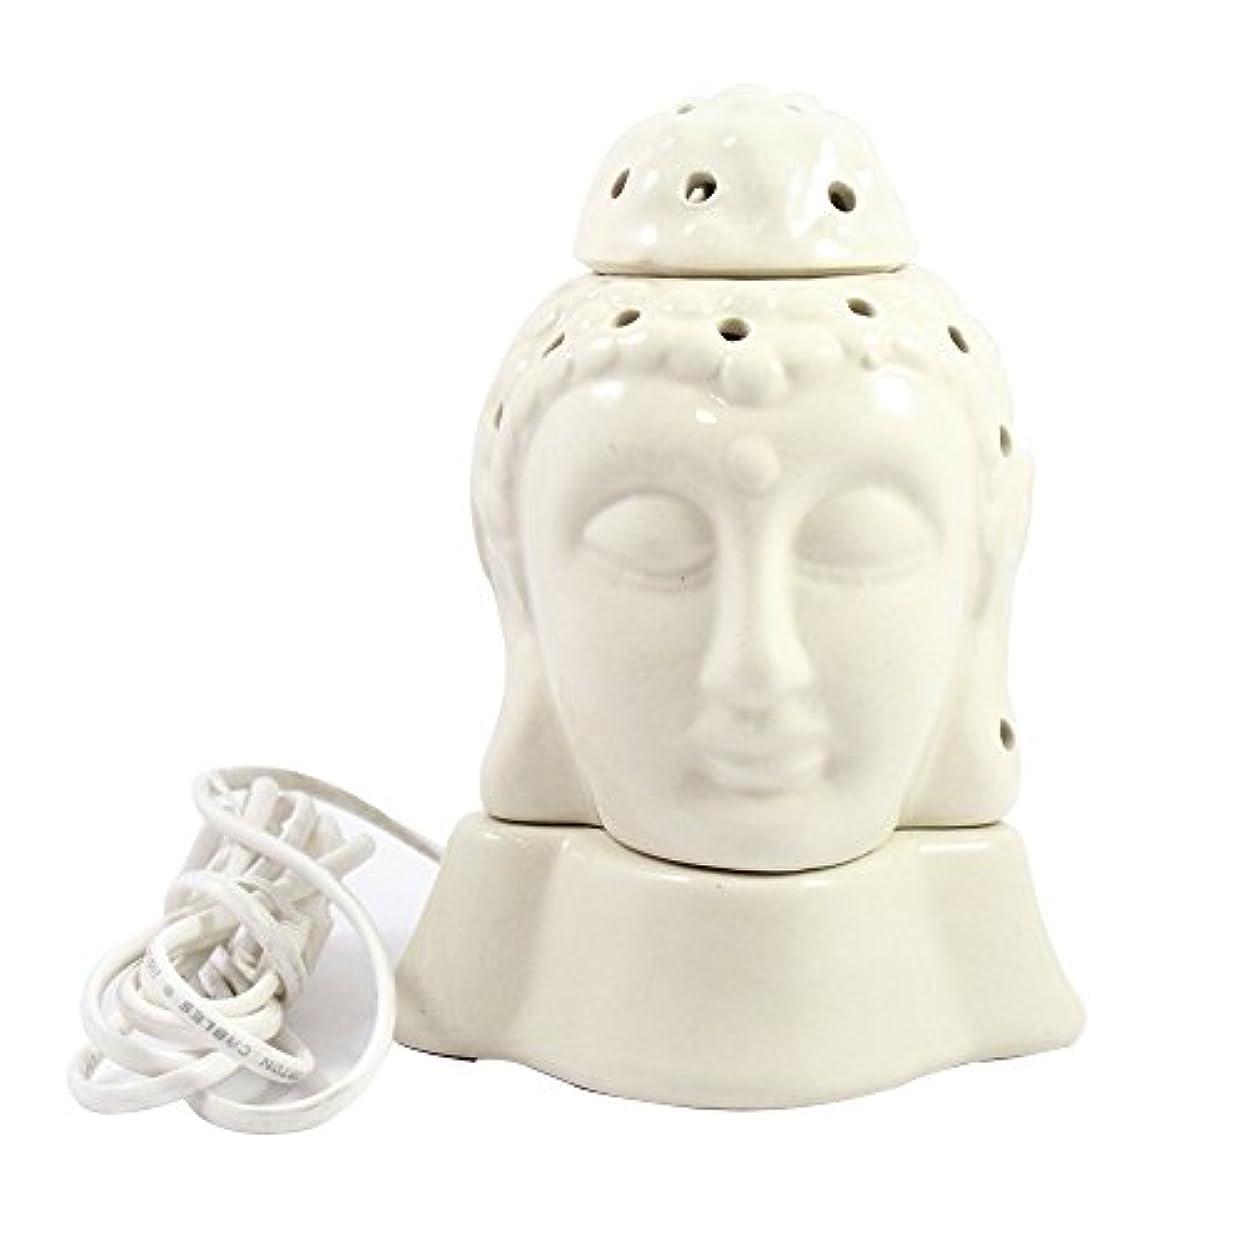 複製音楽家揮発性Gautama Buddha電気アロマオイルバーナー&ティーライトランプ/良質ホワイトカラー数量1 /汚染無料手作りセラミック主仏電気T - ライトランプ&香油ディフューザー